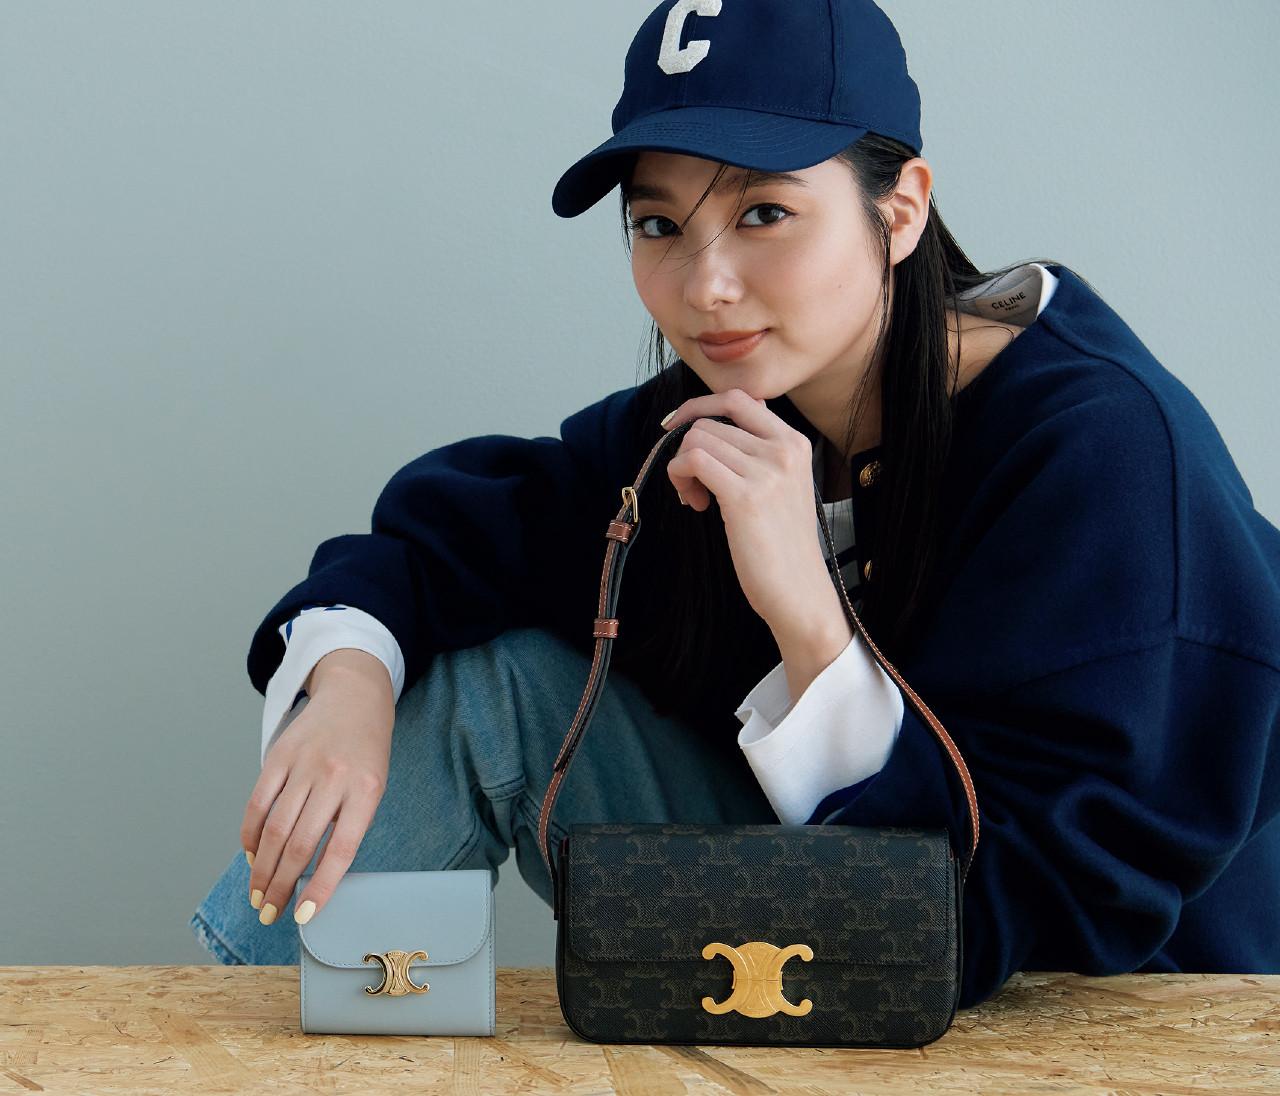 【セリーヌ】トリオンフのアイコンつきバッグ&お財布は普段使いに最適♡